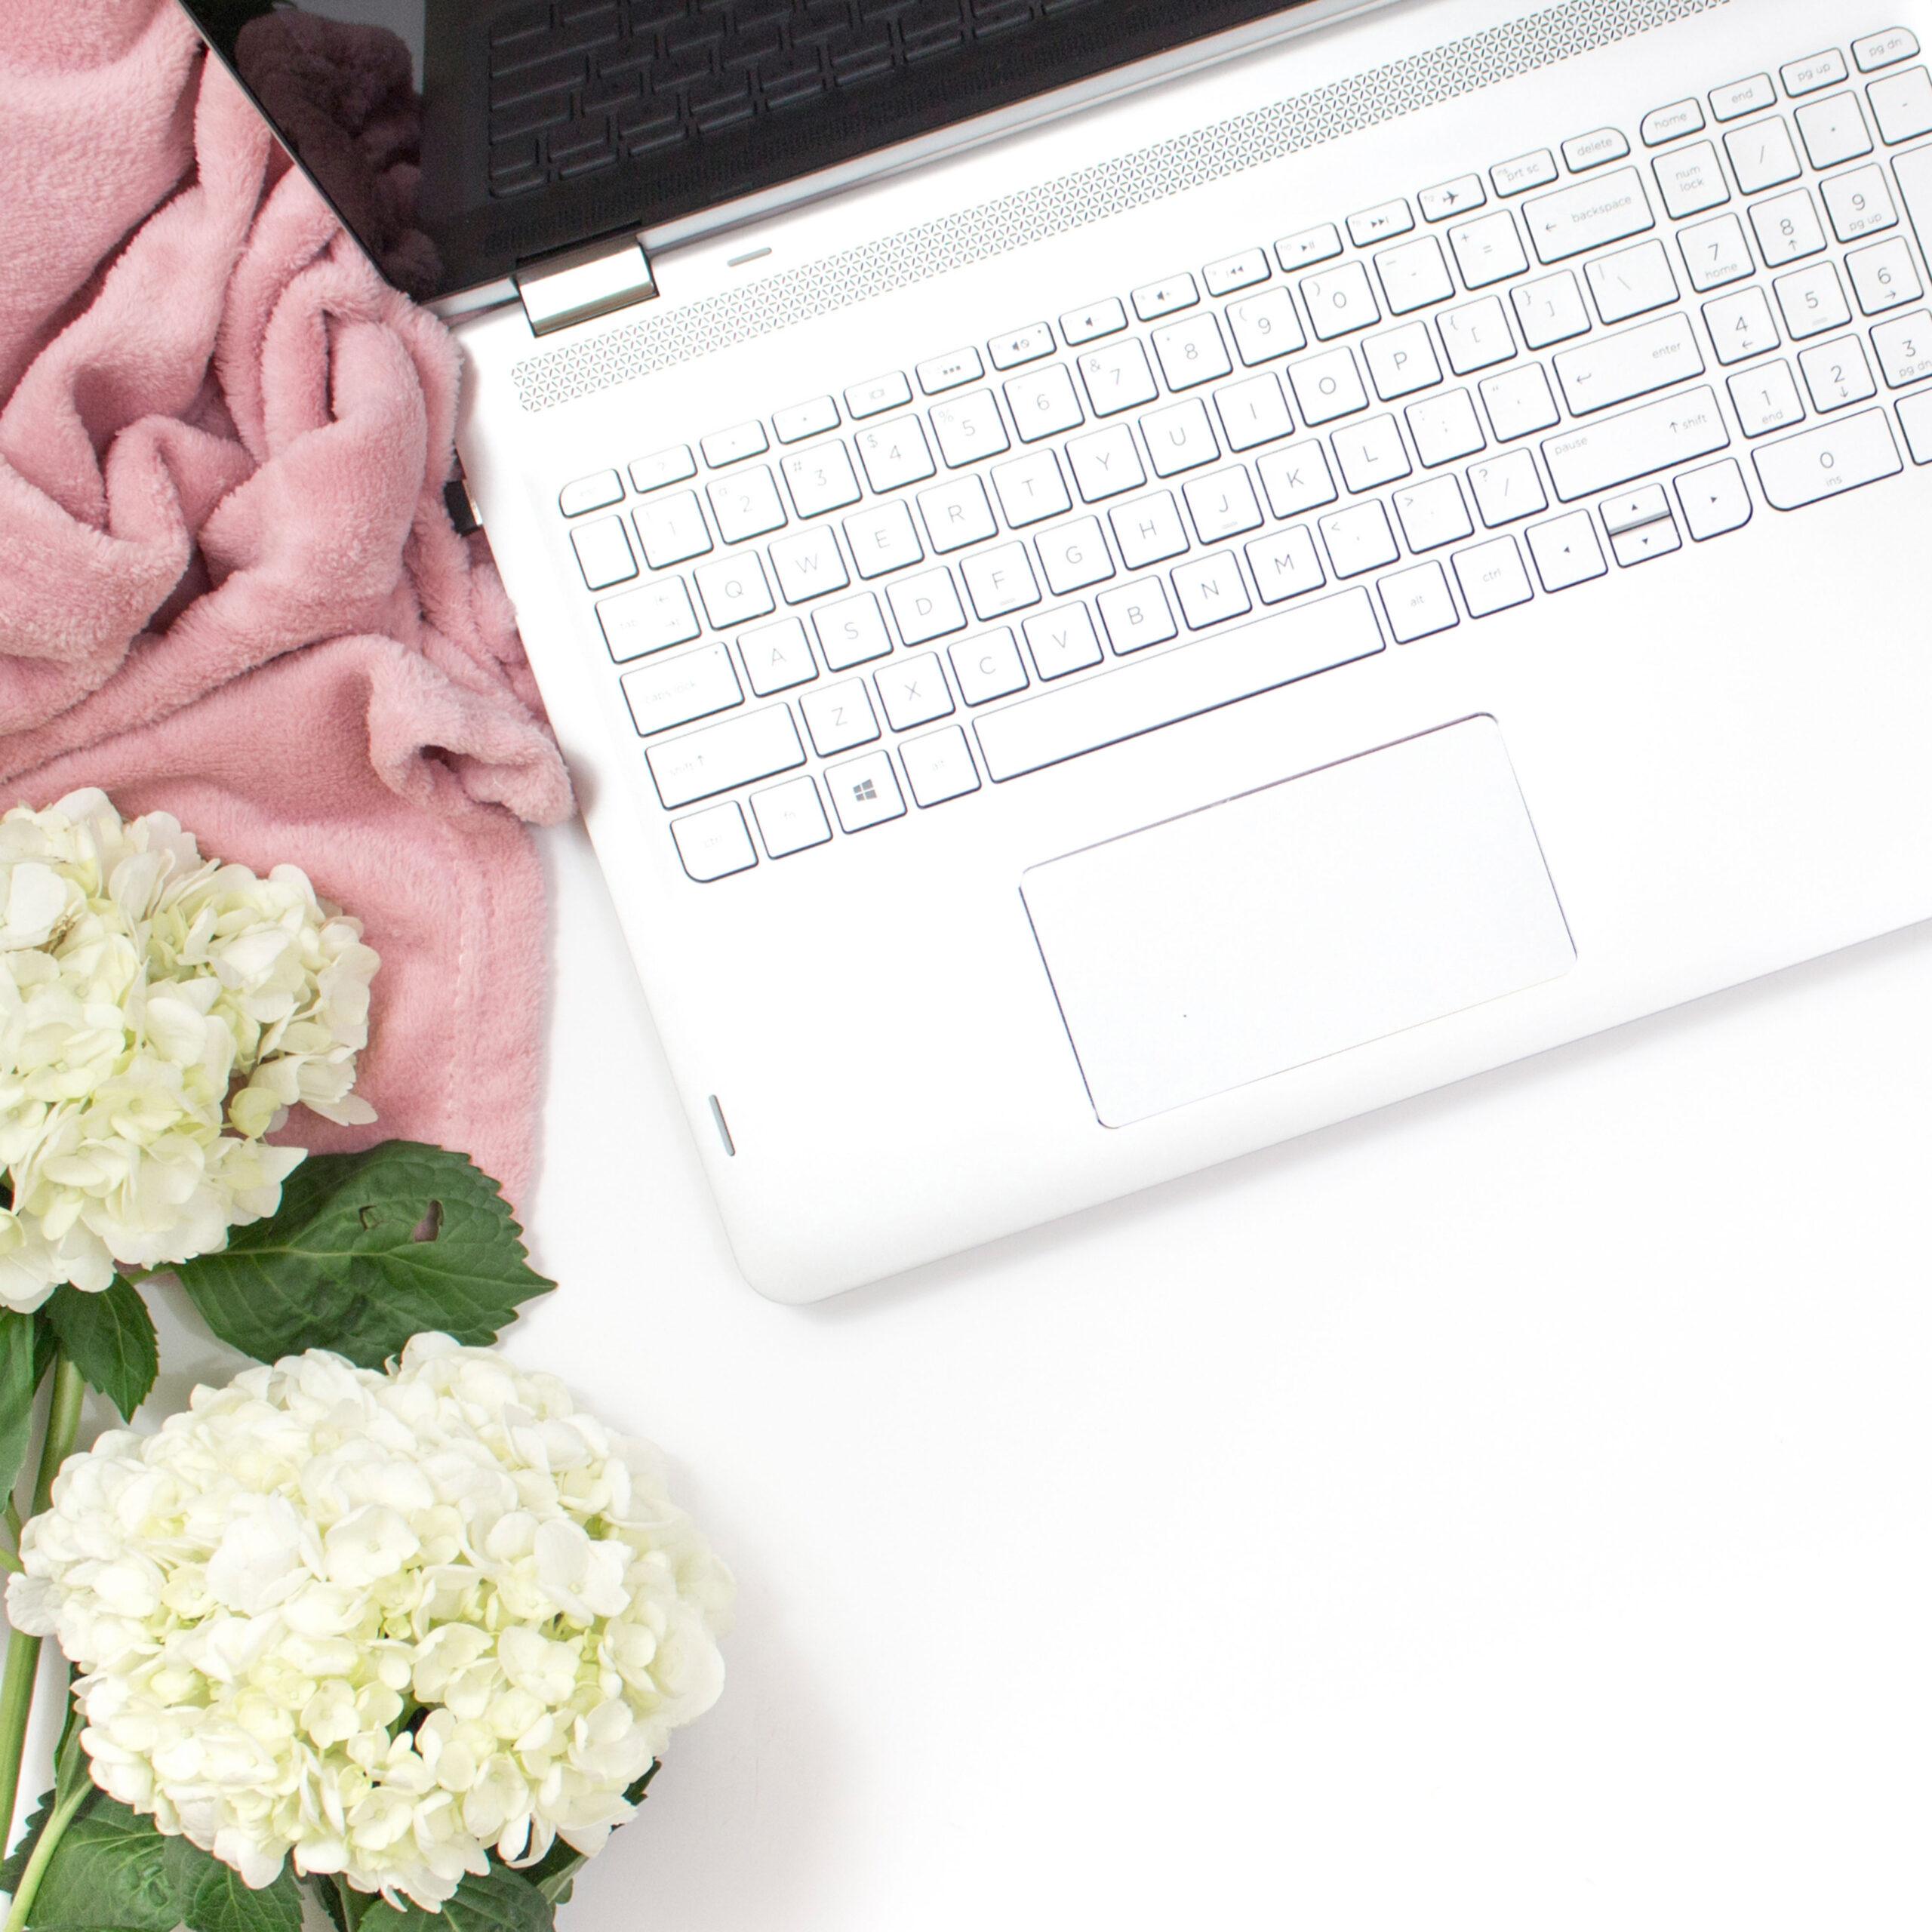 zebra soul art-work online-white laptop